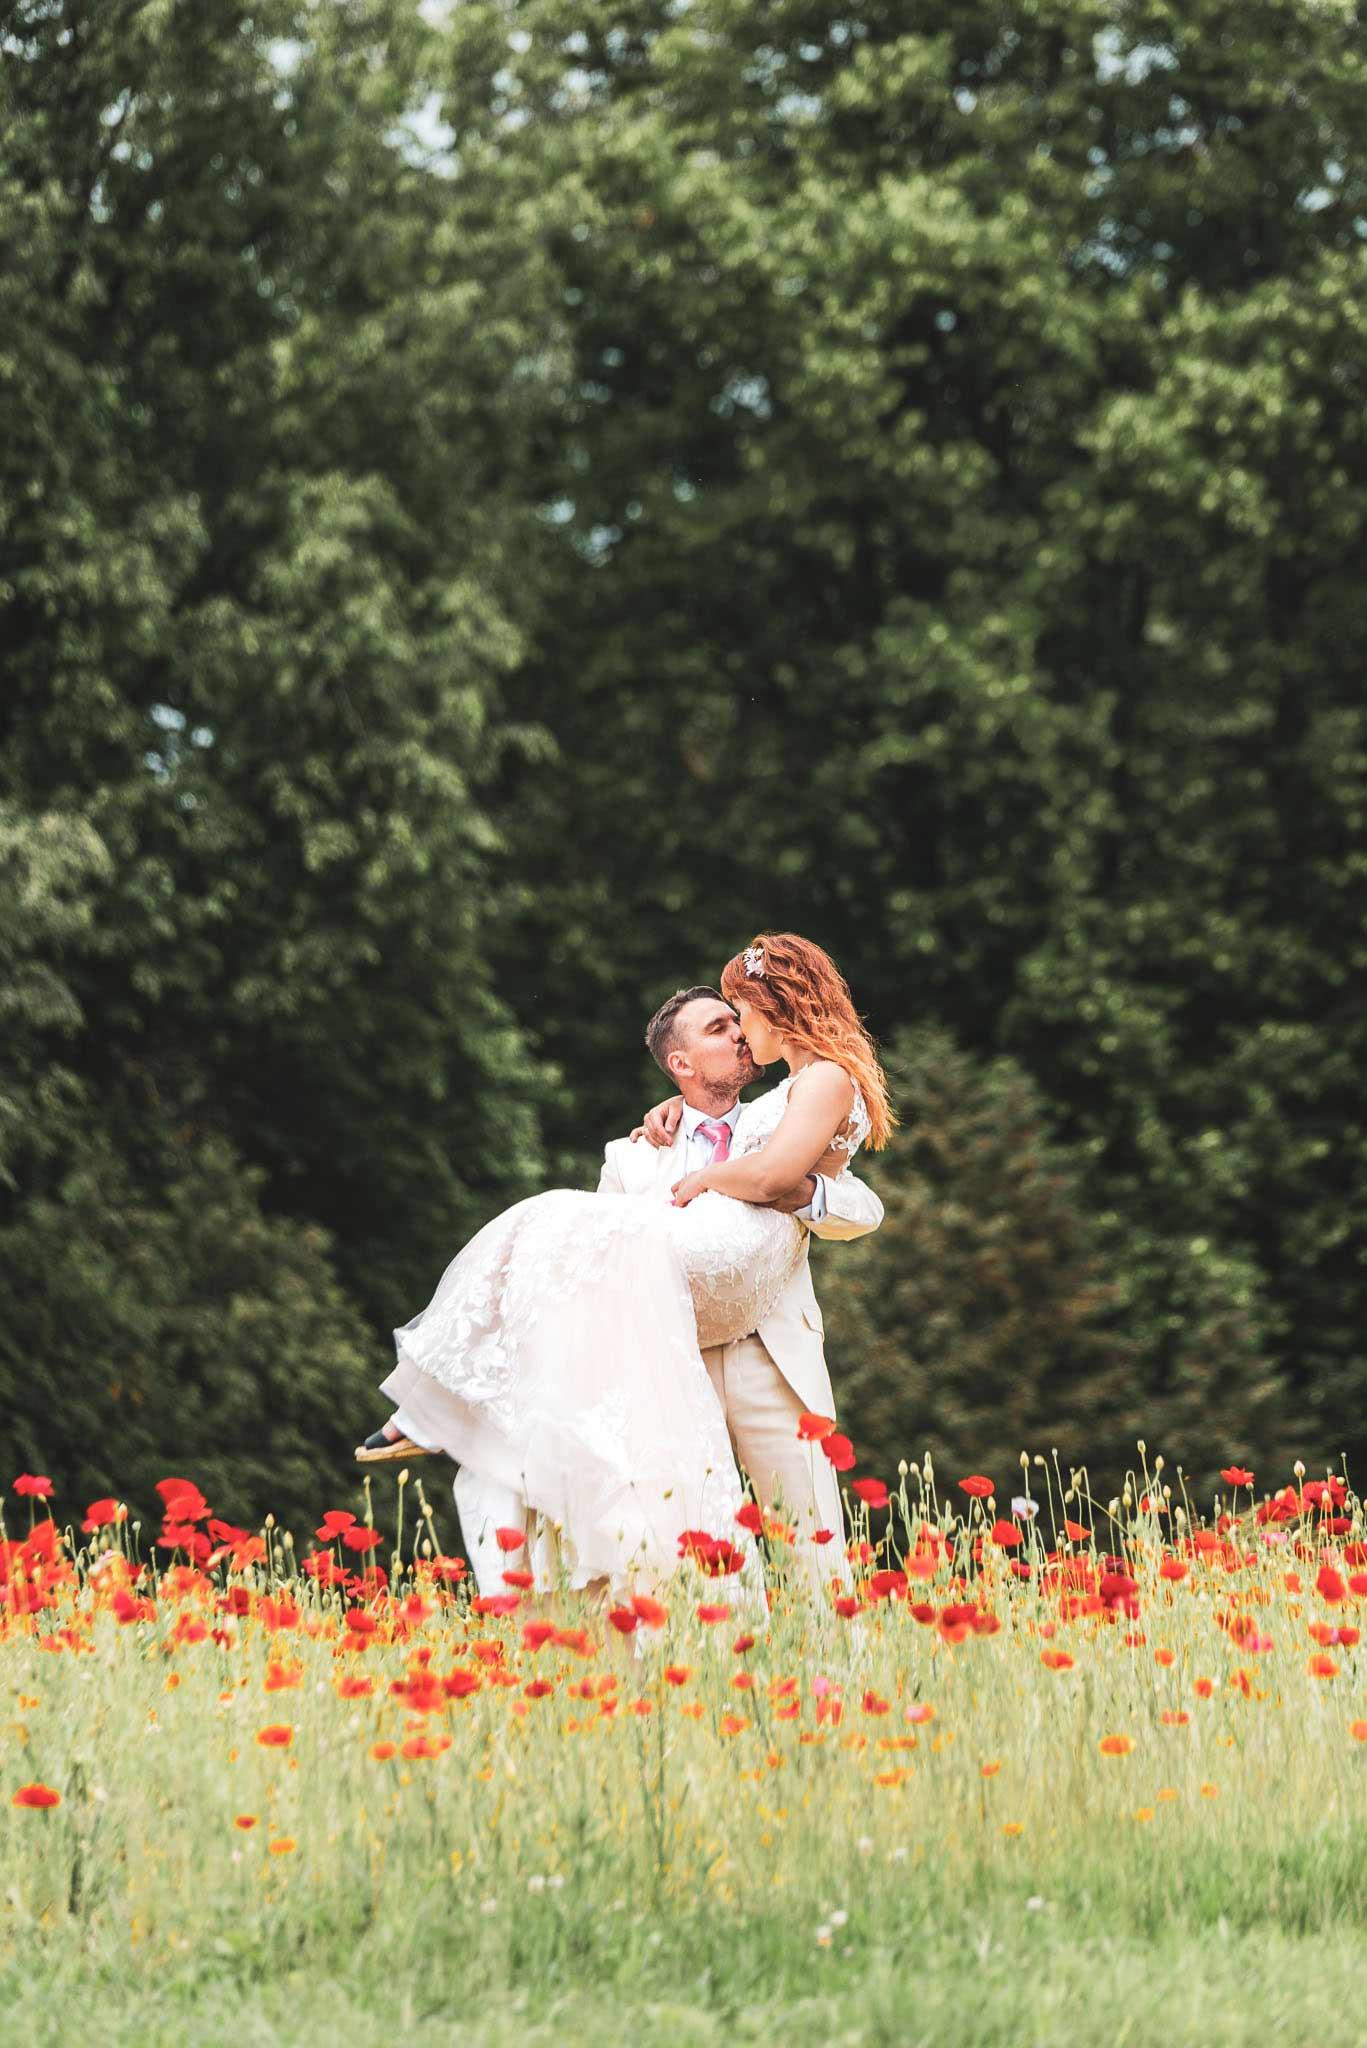 Pruut on peigmehe süles mooni peenral Tartu fotograaf ja pulmavideo